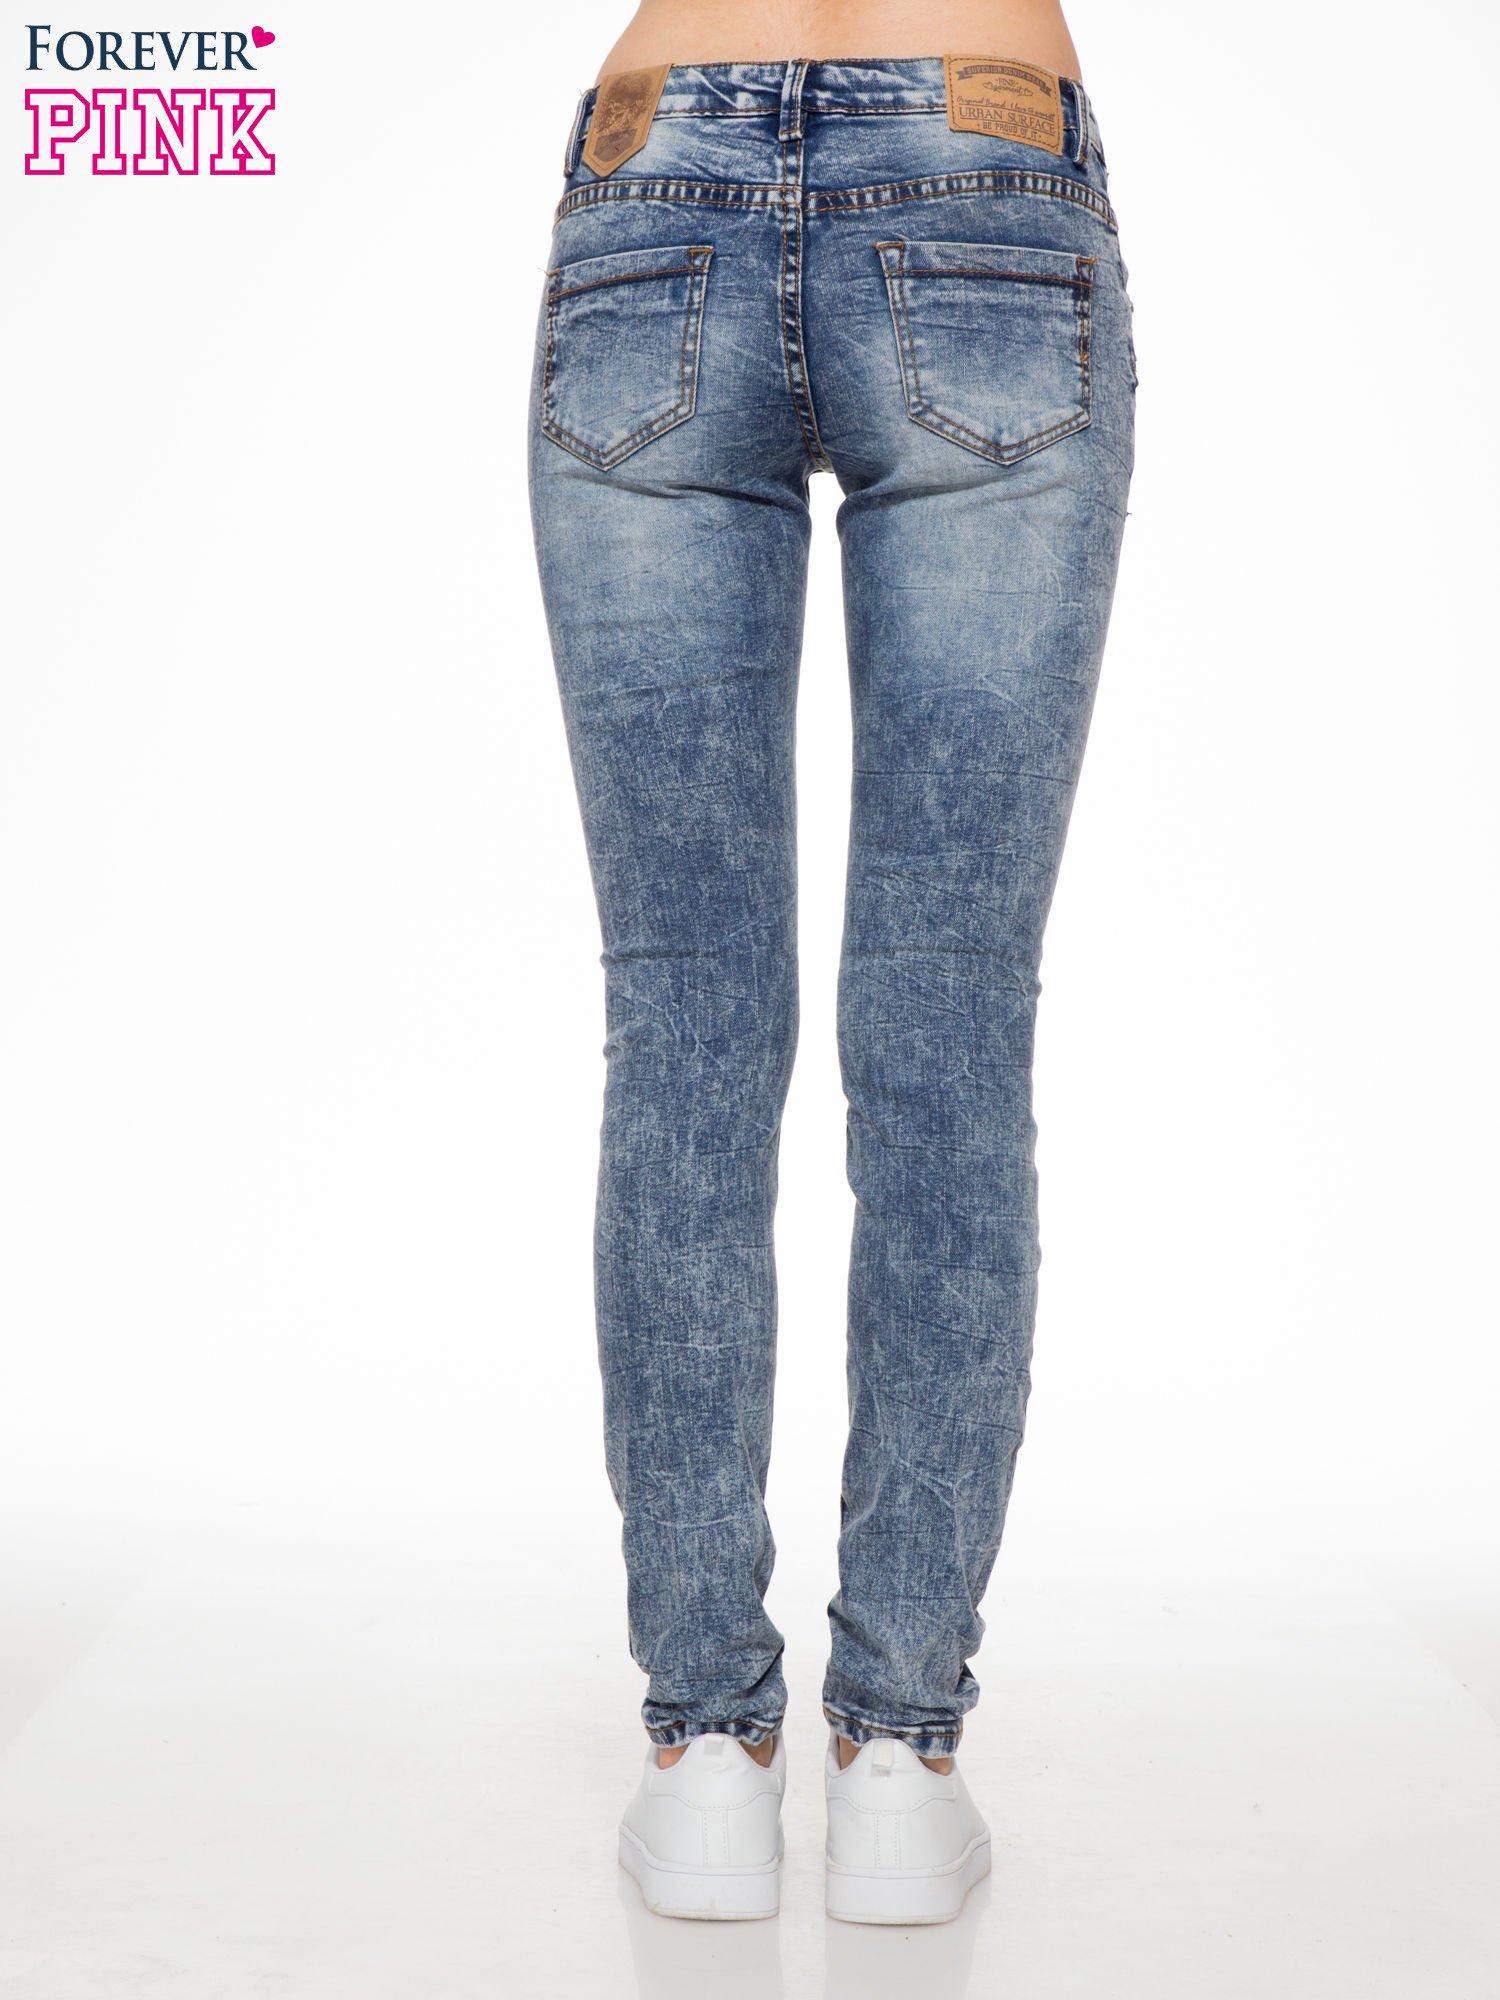 Niebieskie spodnie jeansowe z efektem sprania i gniecienia                                  zdj.                                  4